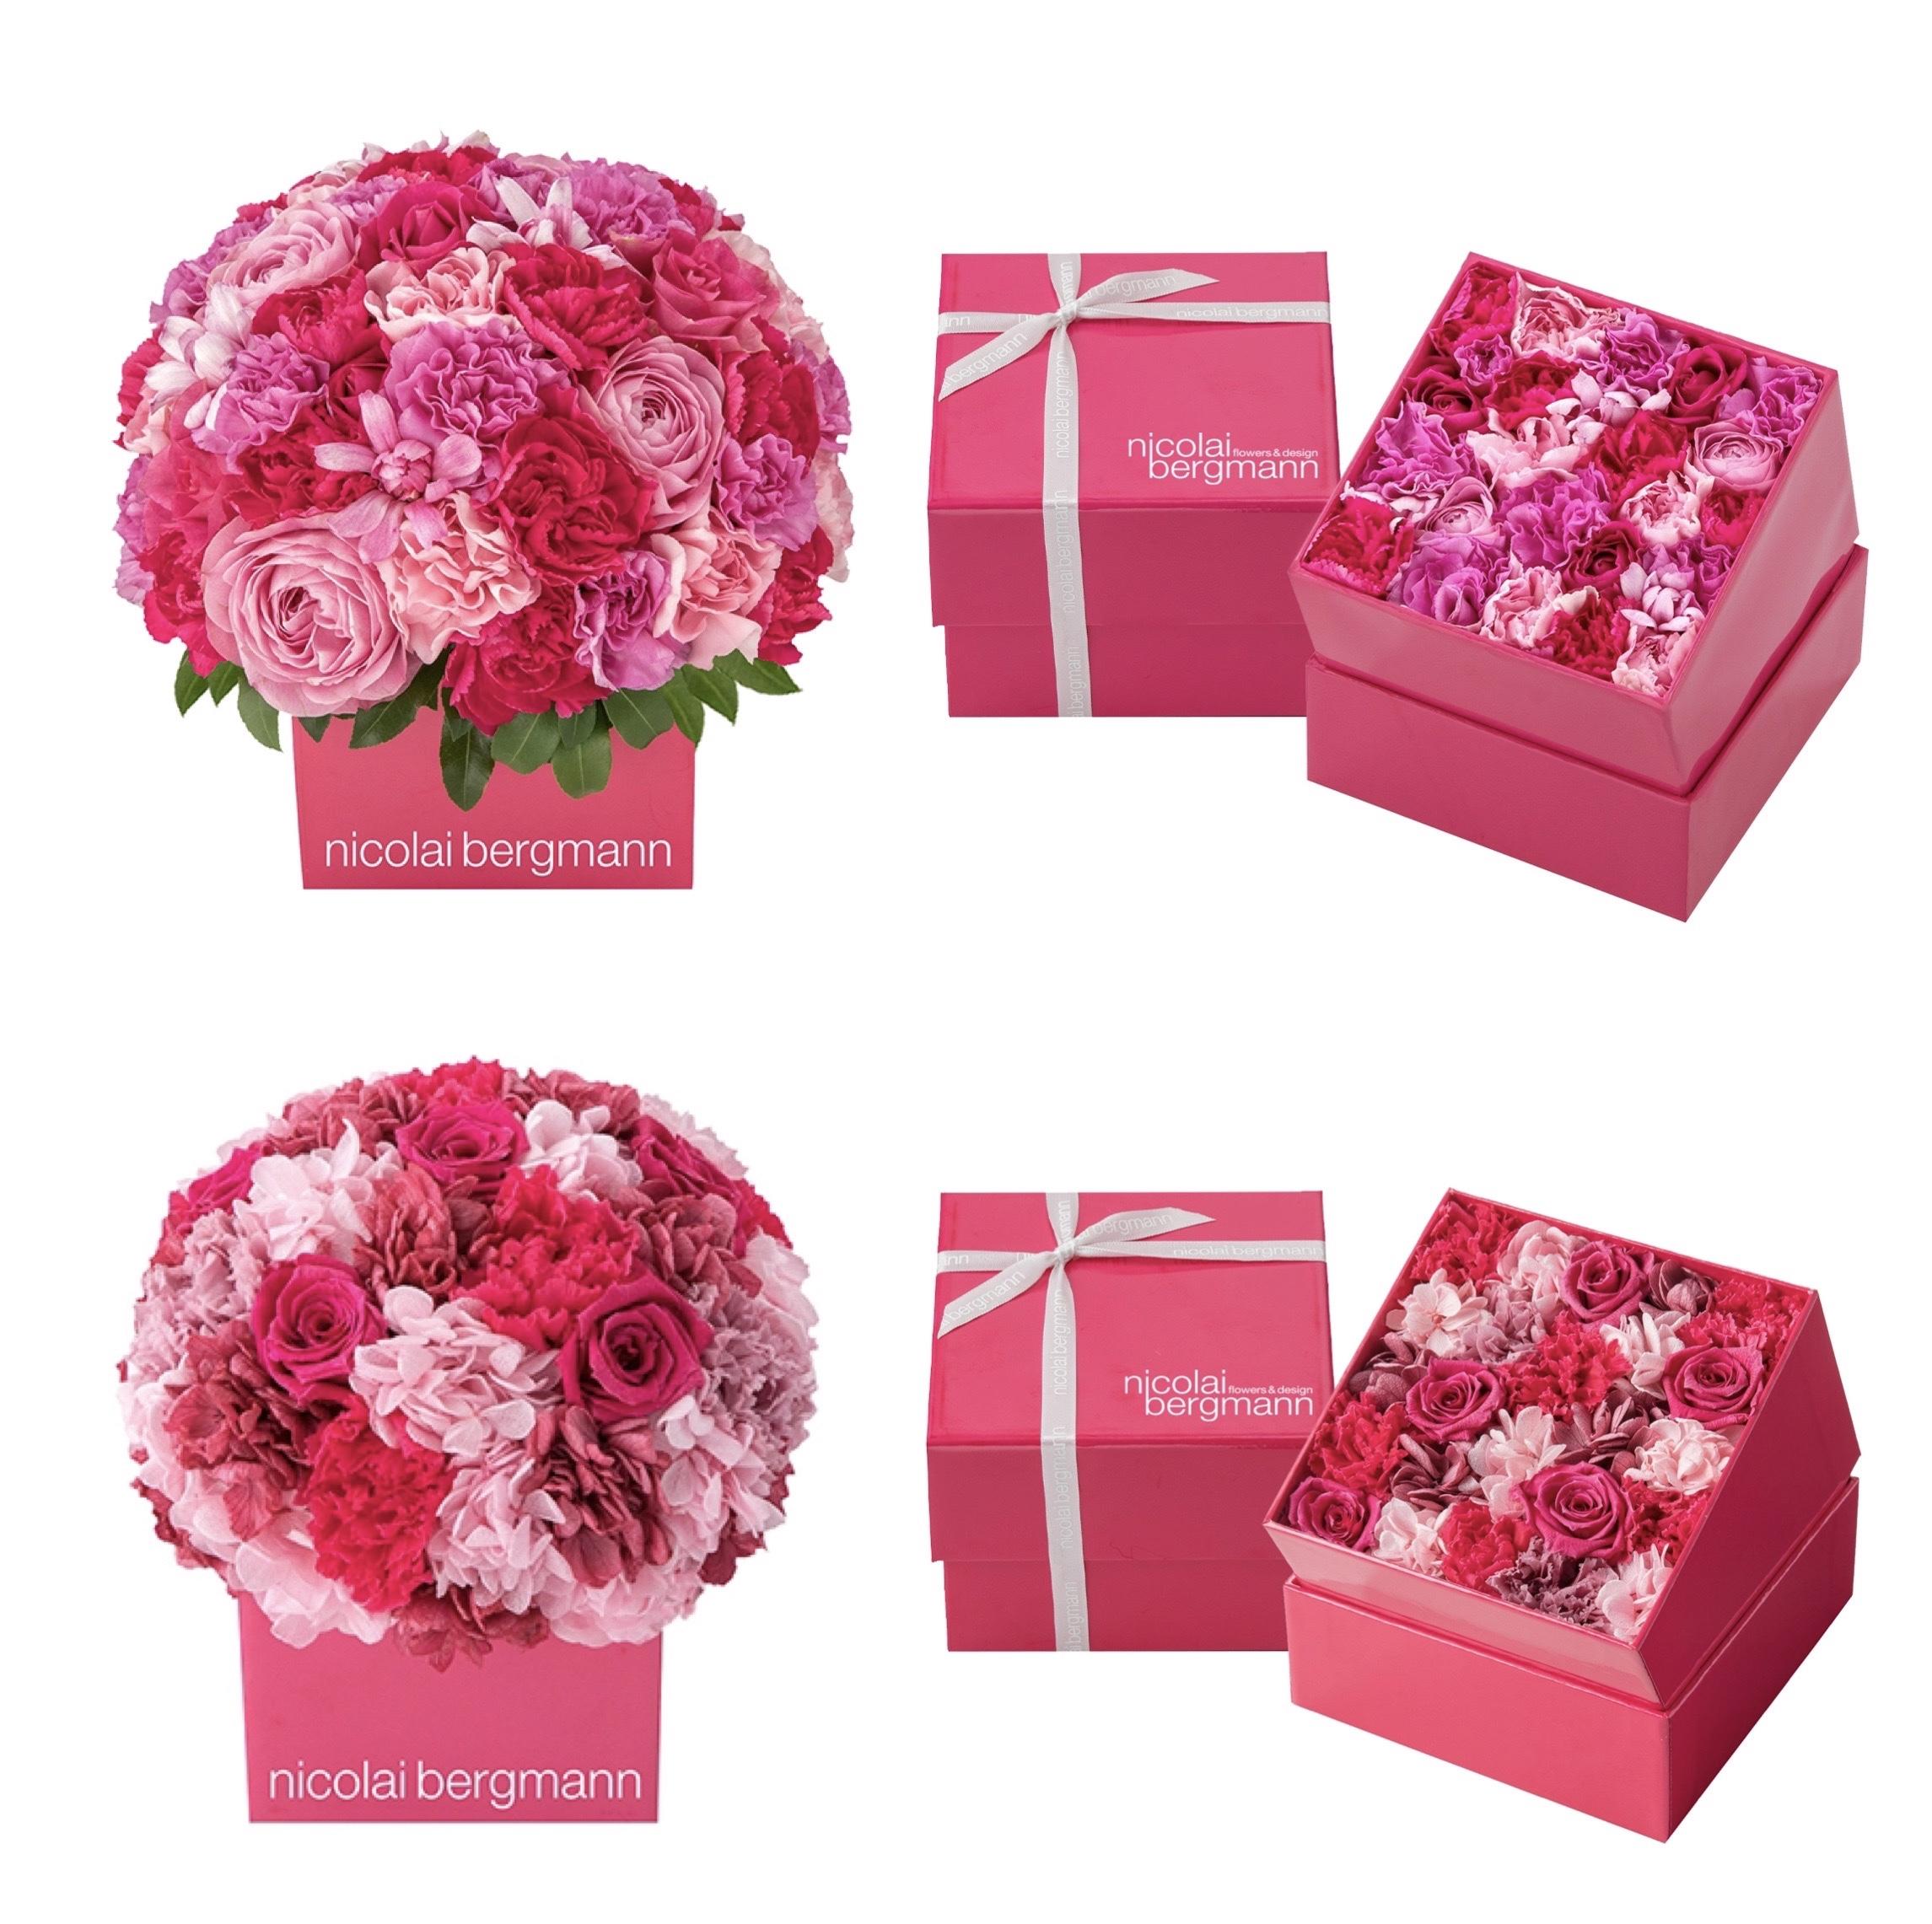 お母さんに気持ちも花やぐビビッドピンクを贈ろう♡ 『ニコライ バーグマン』母の日限定フラワーボックス発売中!PhotoGallery_1_2